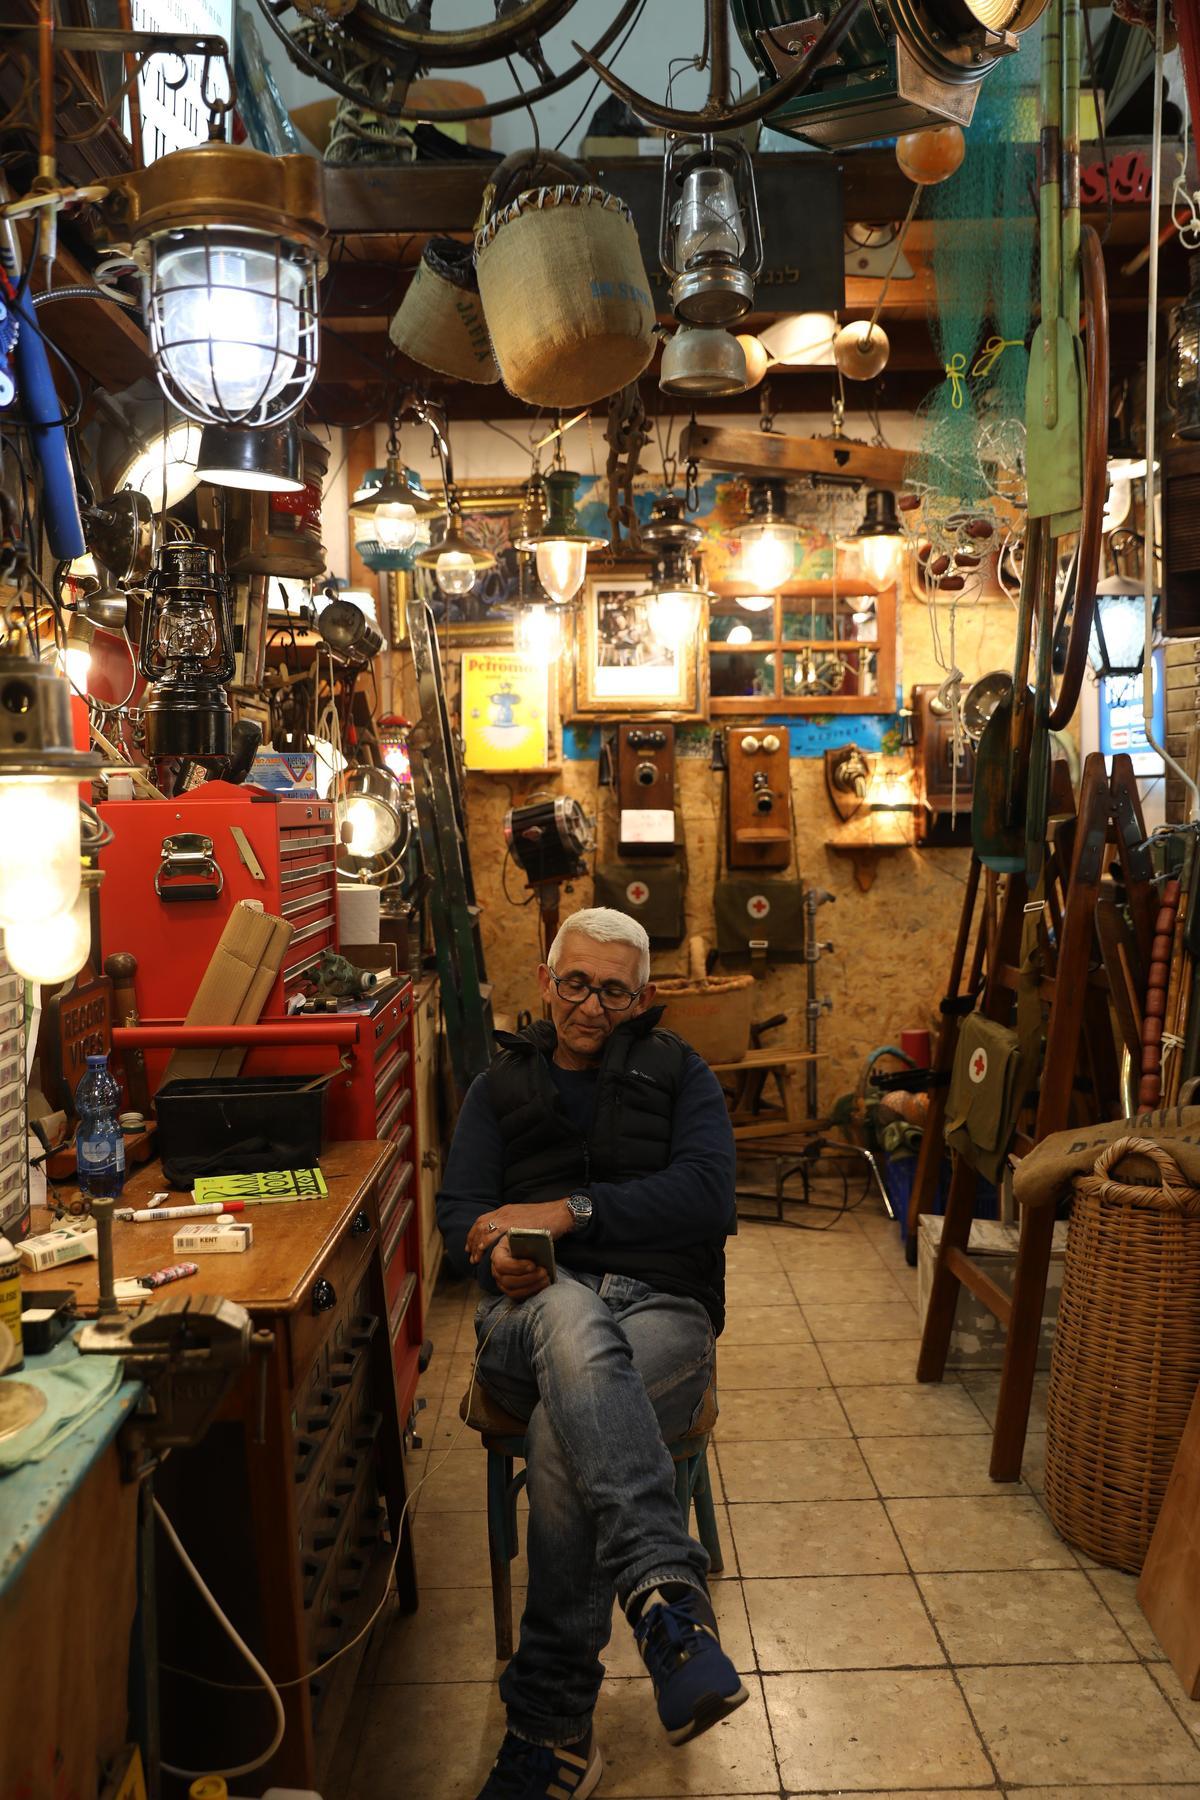 在雅法老城市集遇見舊貨店,店主並不主動推銷,彷彿在坐等識貨者上門。